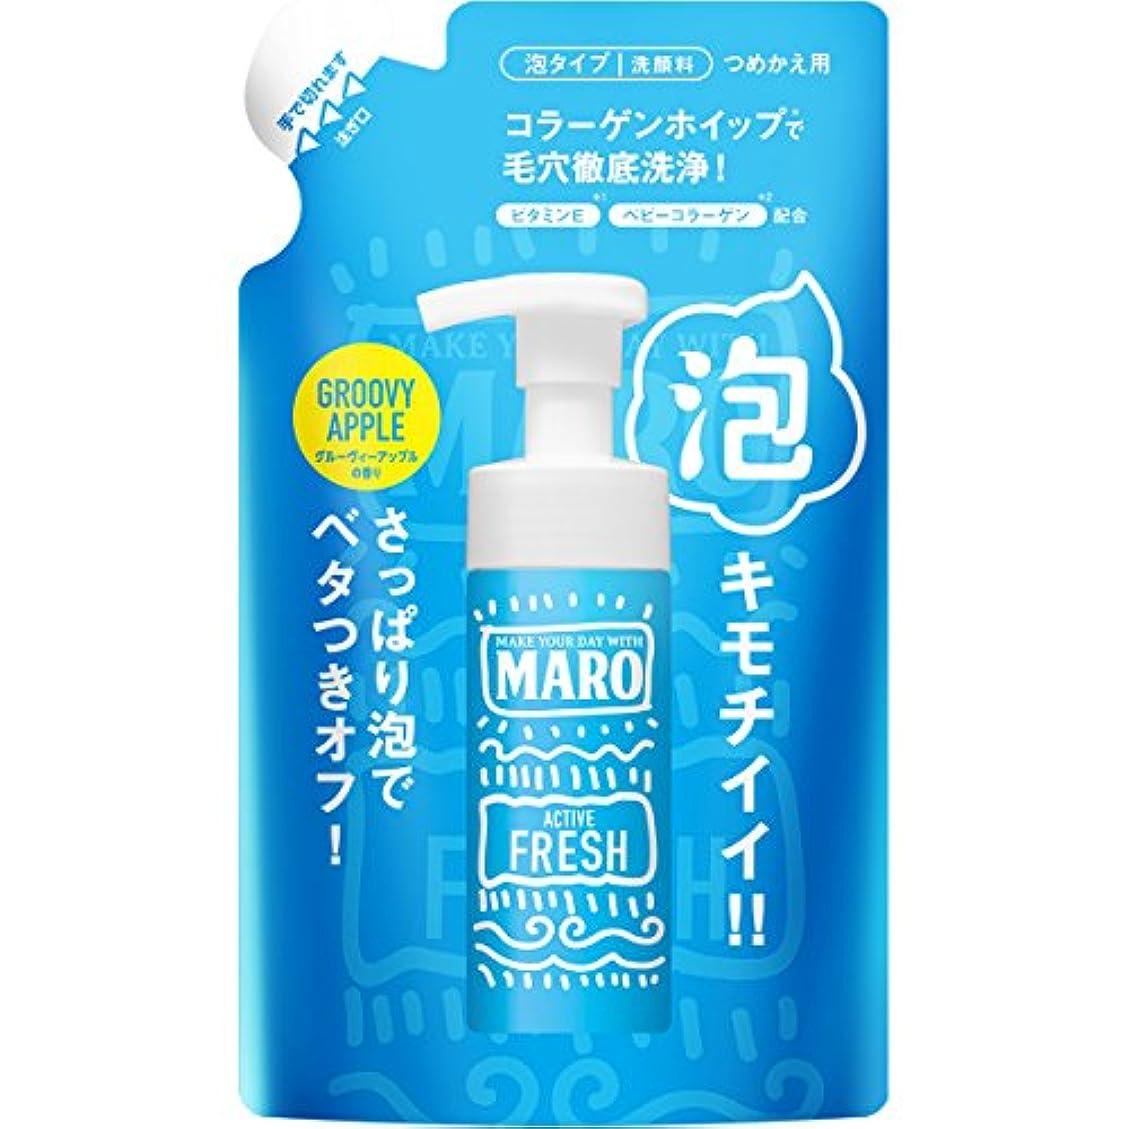 エコー苦痛実り多いMARO グルーヴィー 泡洗顔 詰め替え アクティブフレッシュ 130ml